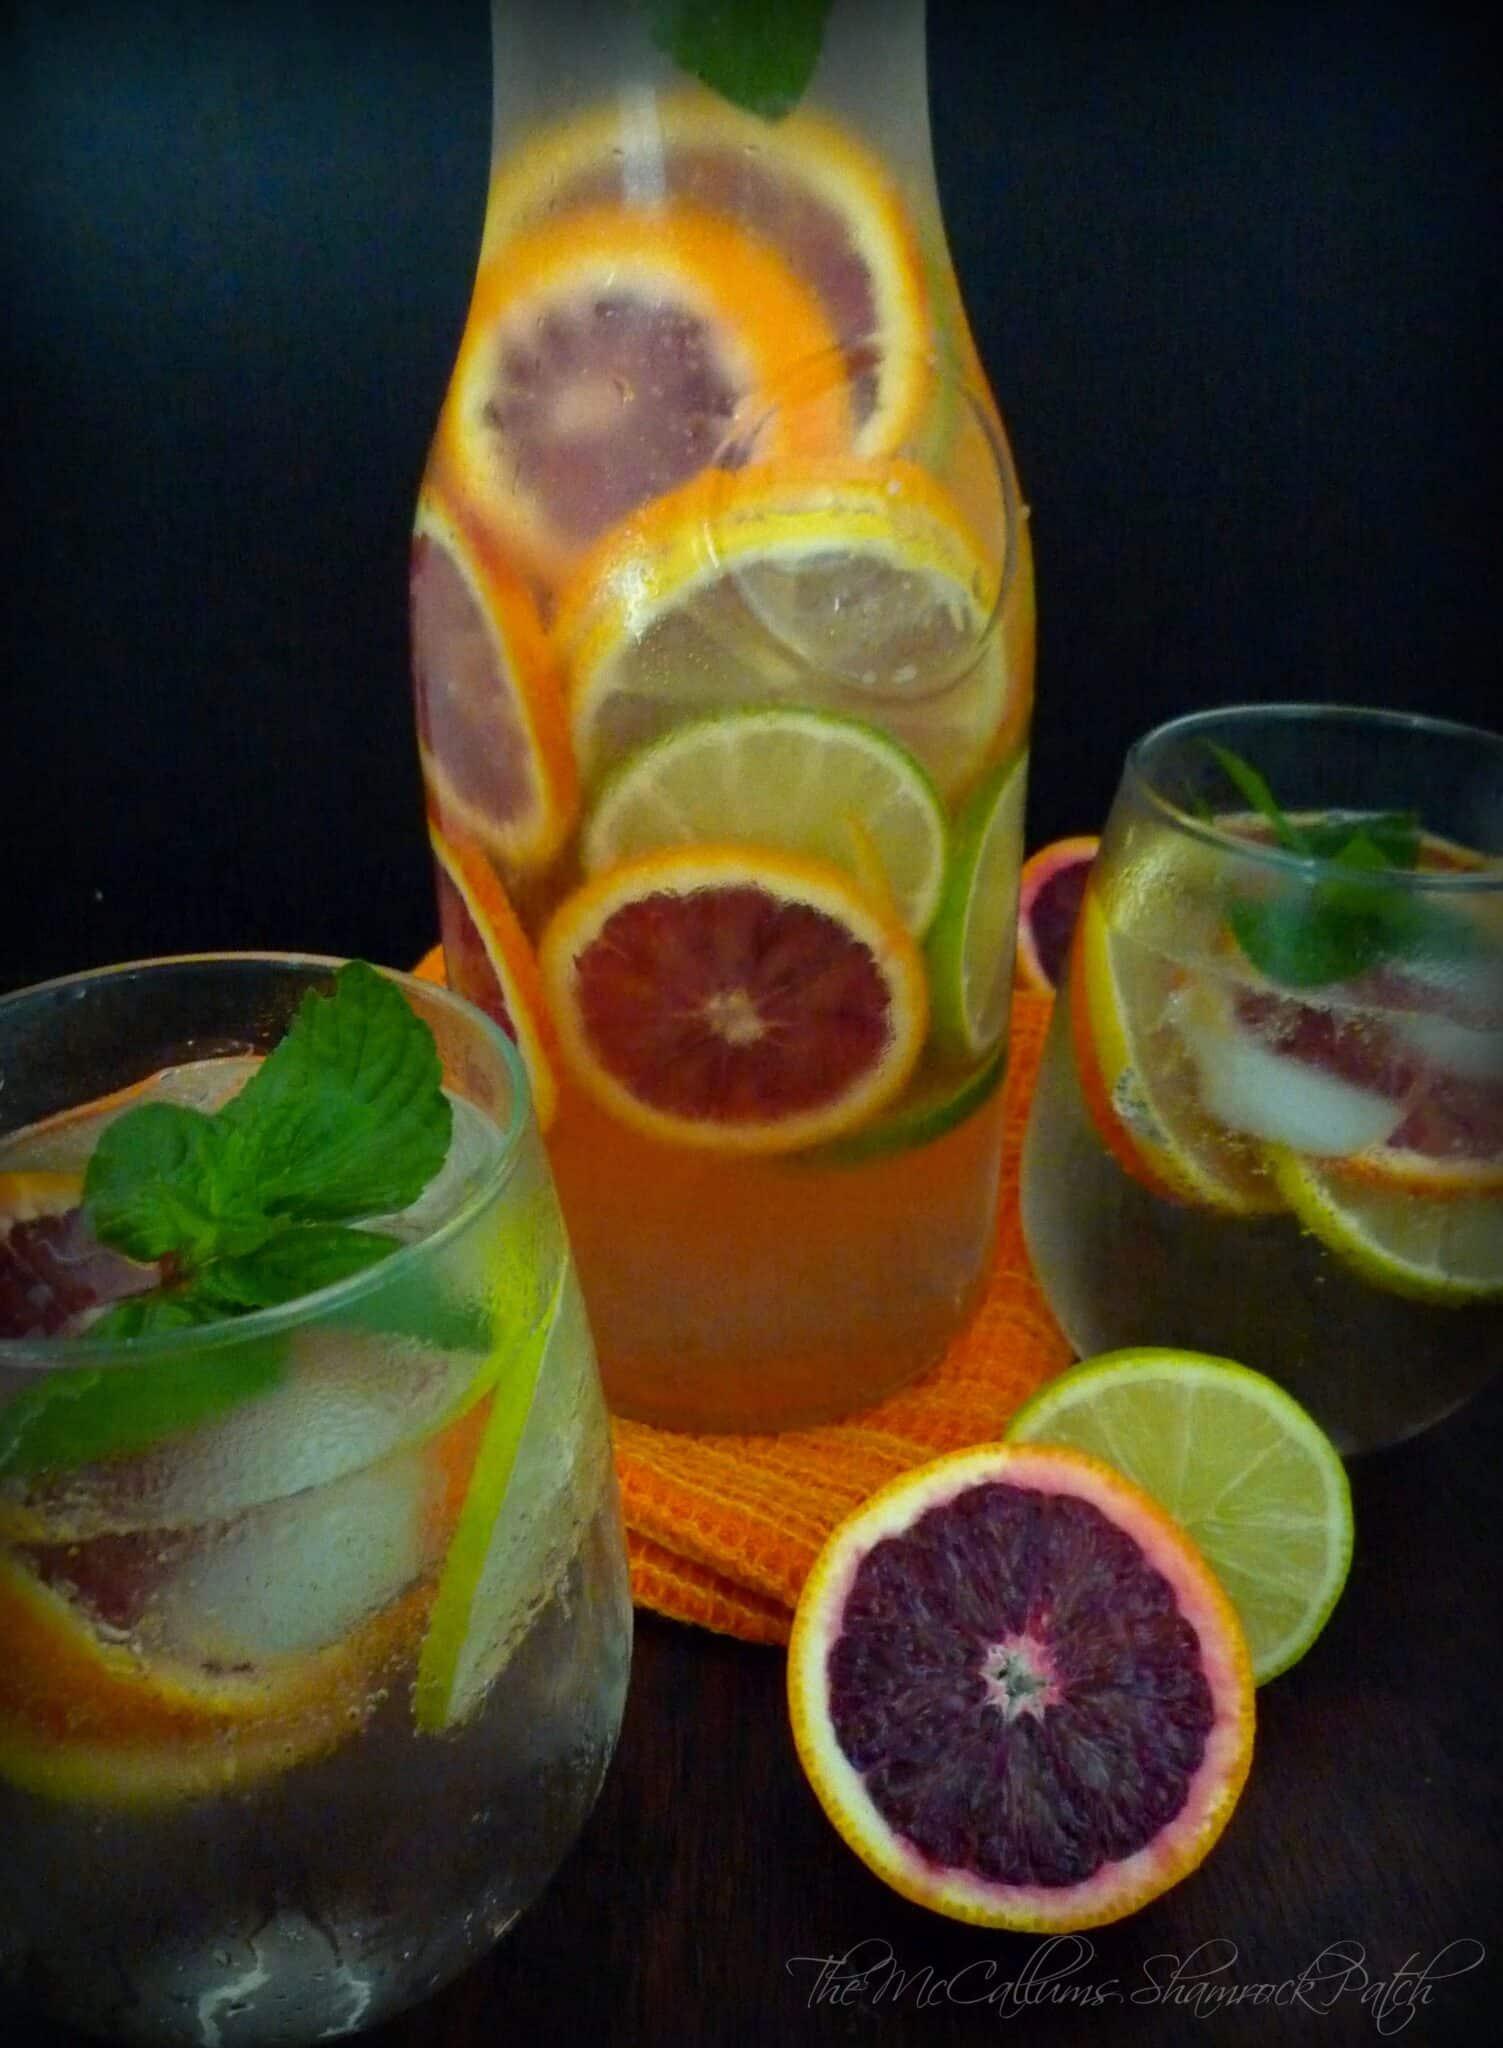 Citrus Sangria featuring Blood Oranges